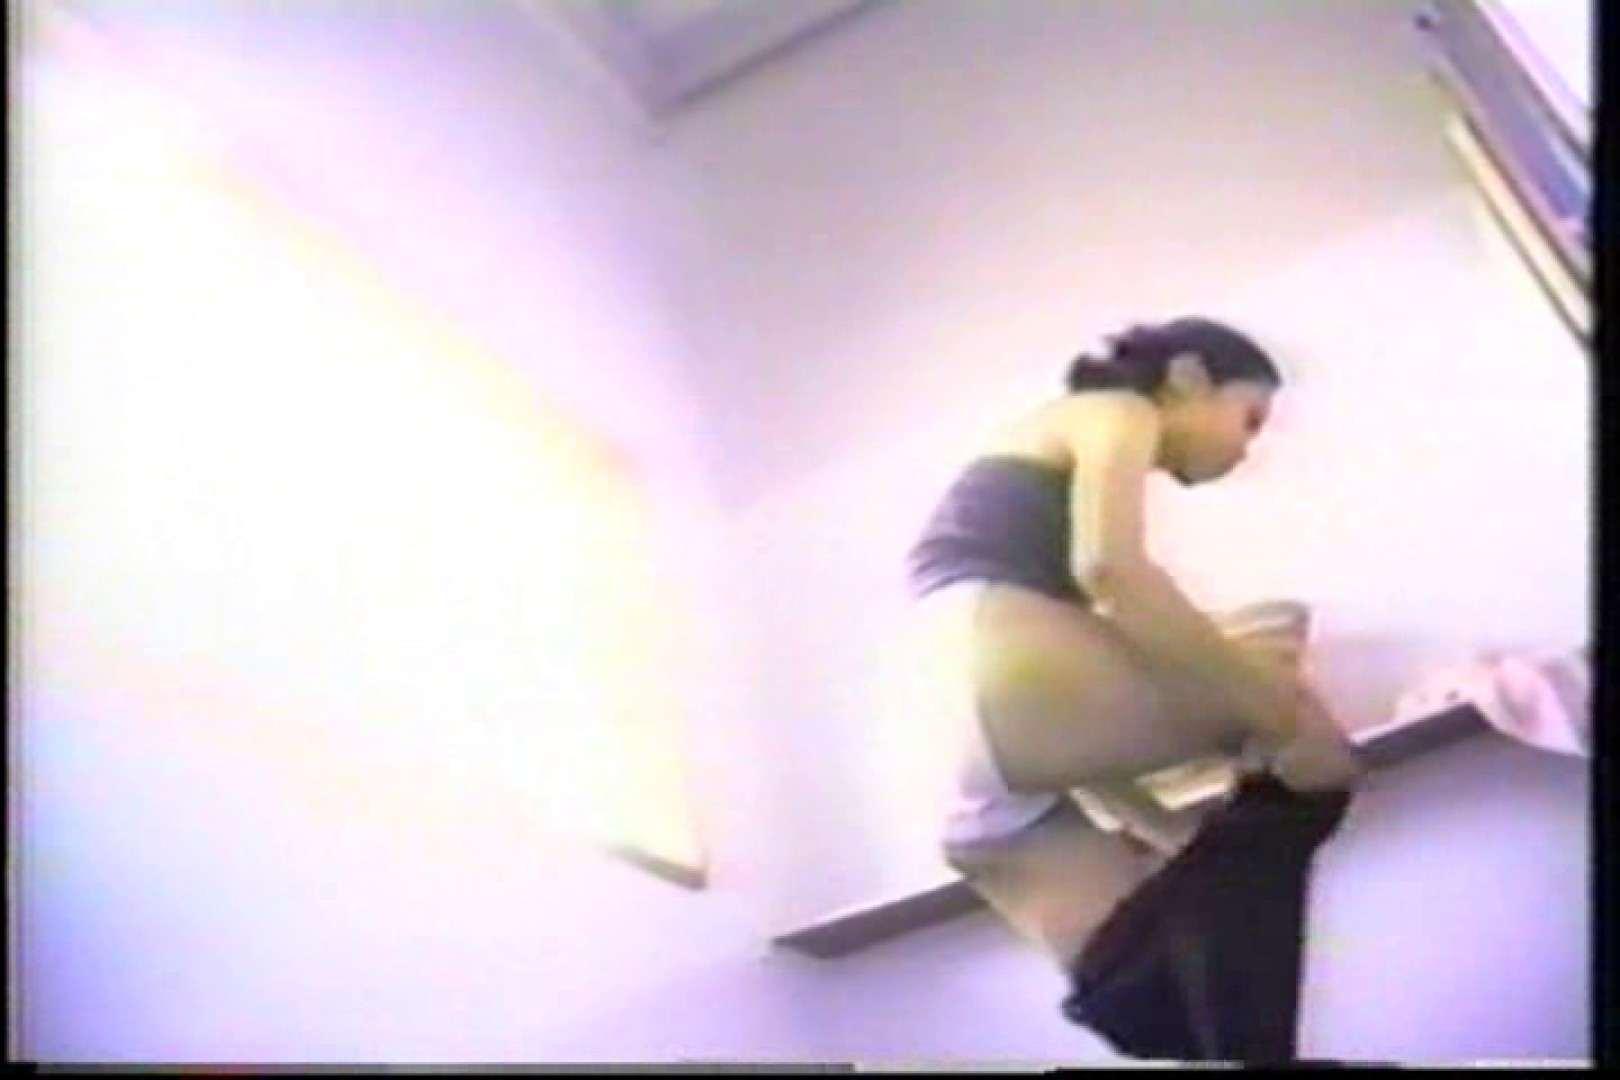 海の家の個室更衣室盗撮 全身全裸が丸見え TK-95 丸見えマンコ   カップルのセックス  87PIX 36